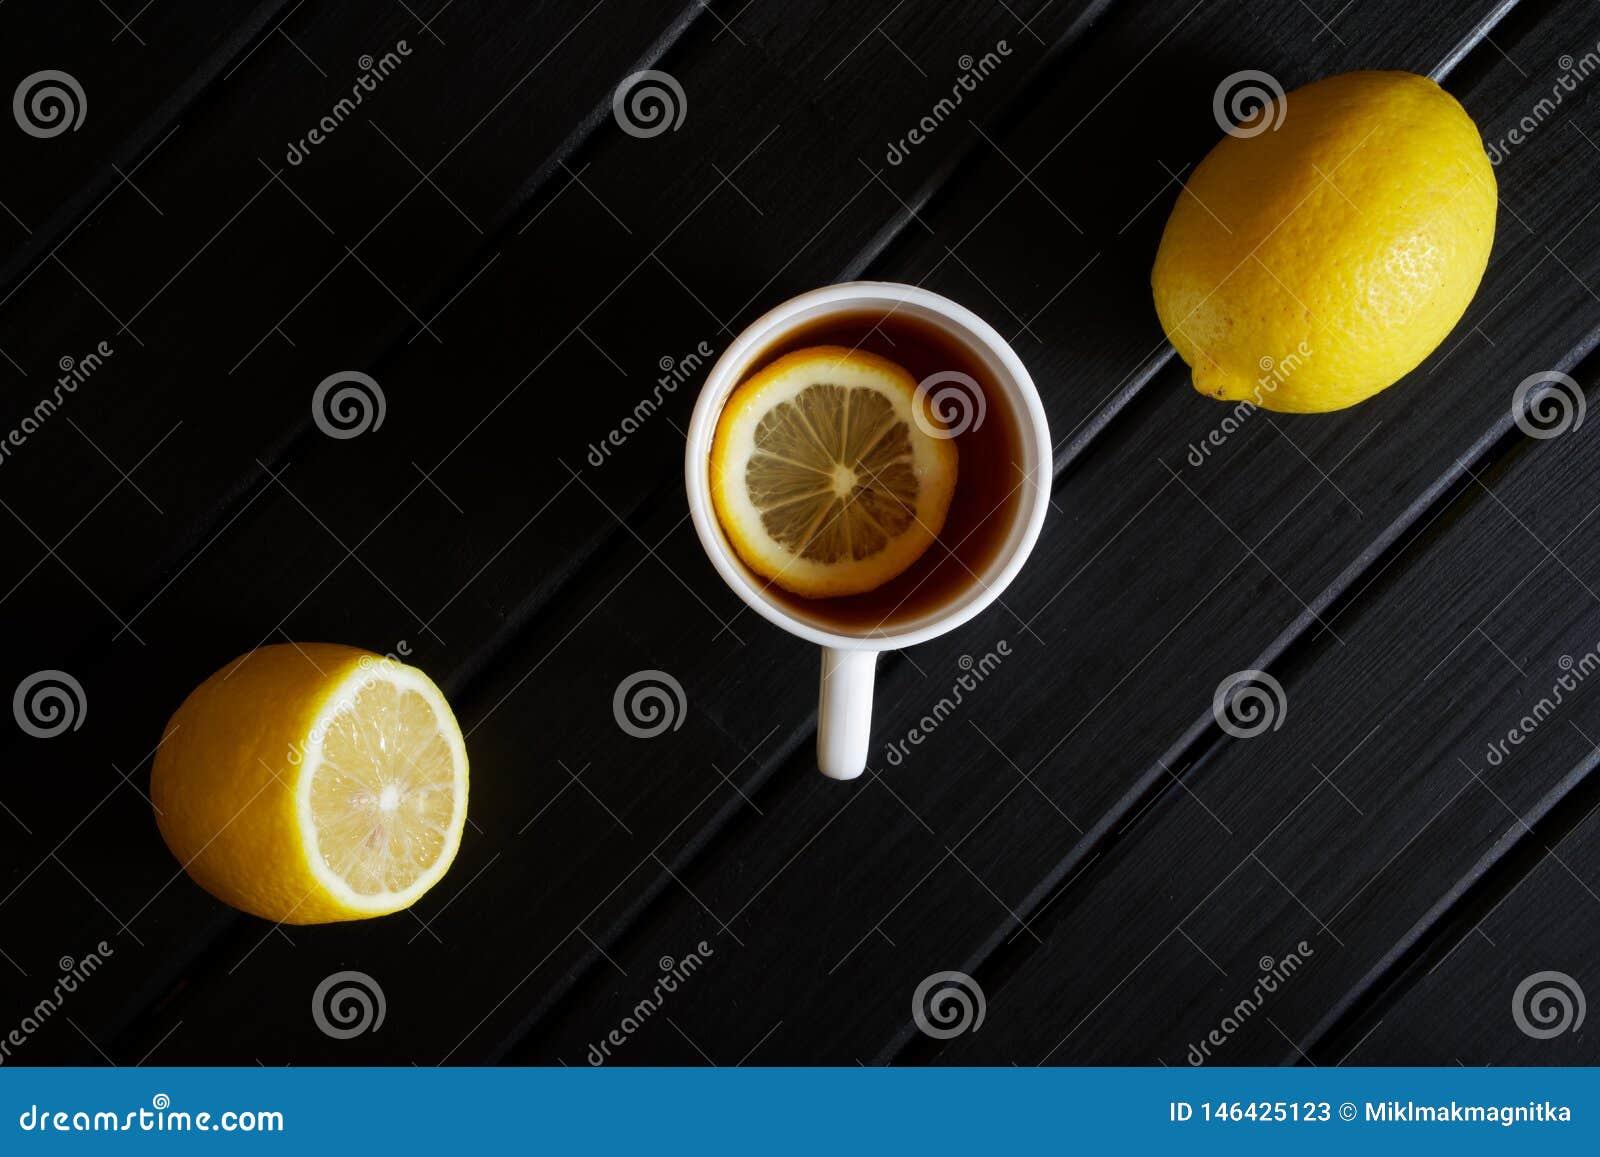 Biały kubek z czarną herbatą i cytryną na ciemnej drewnianej powierzchni na widok minimalista